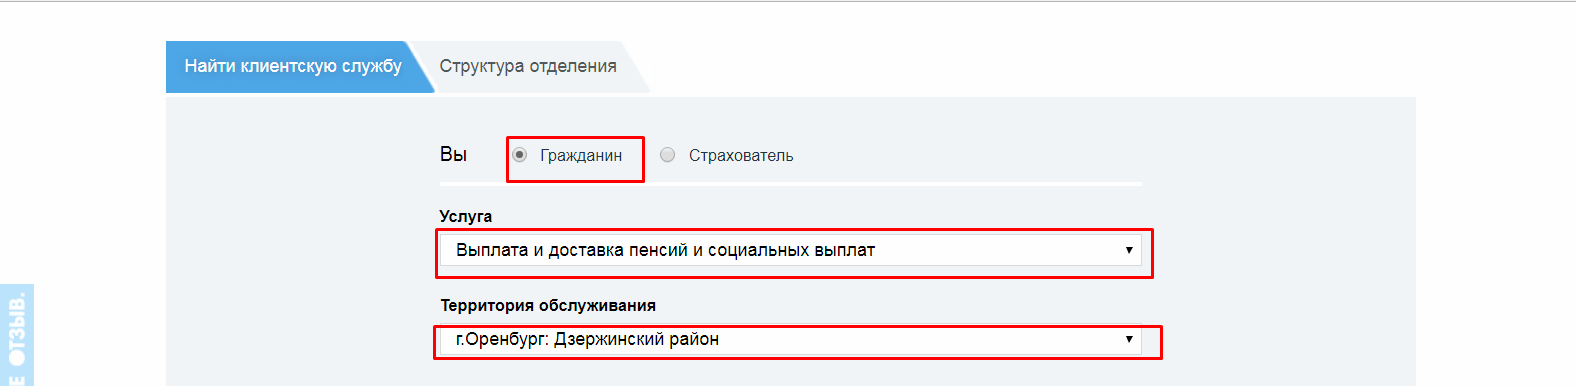 Пенсионный фонд Оренбург